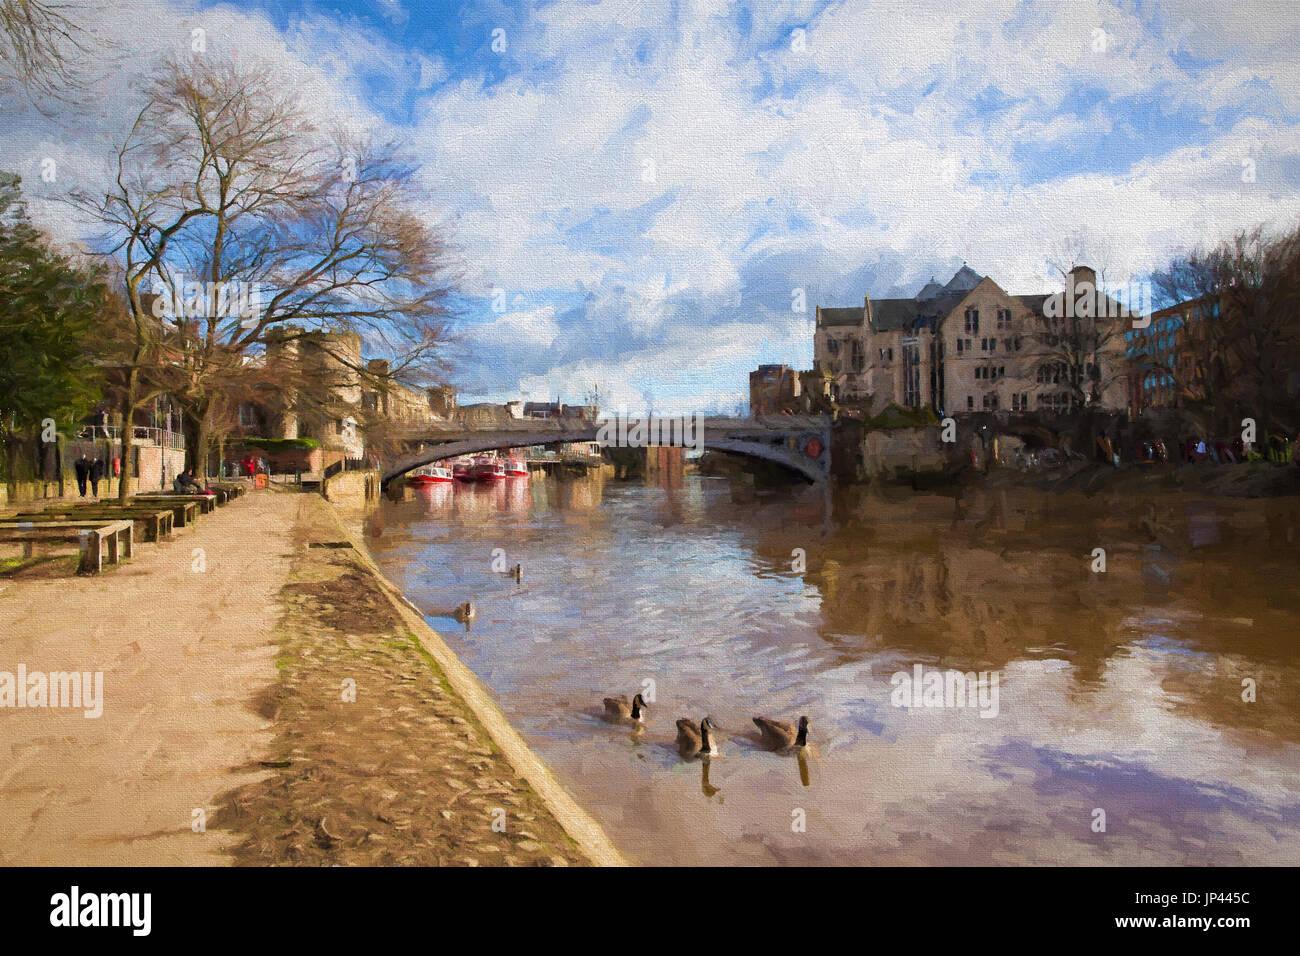 York England die Lendal Brücke in der historischen Yorkshire Stadt in der Station Road Abbildung wie Öl Stockbild